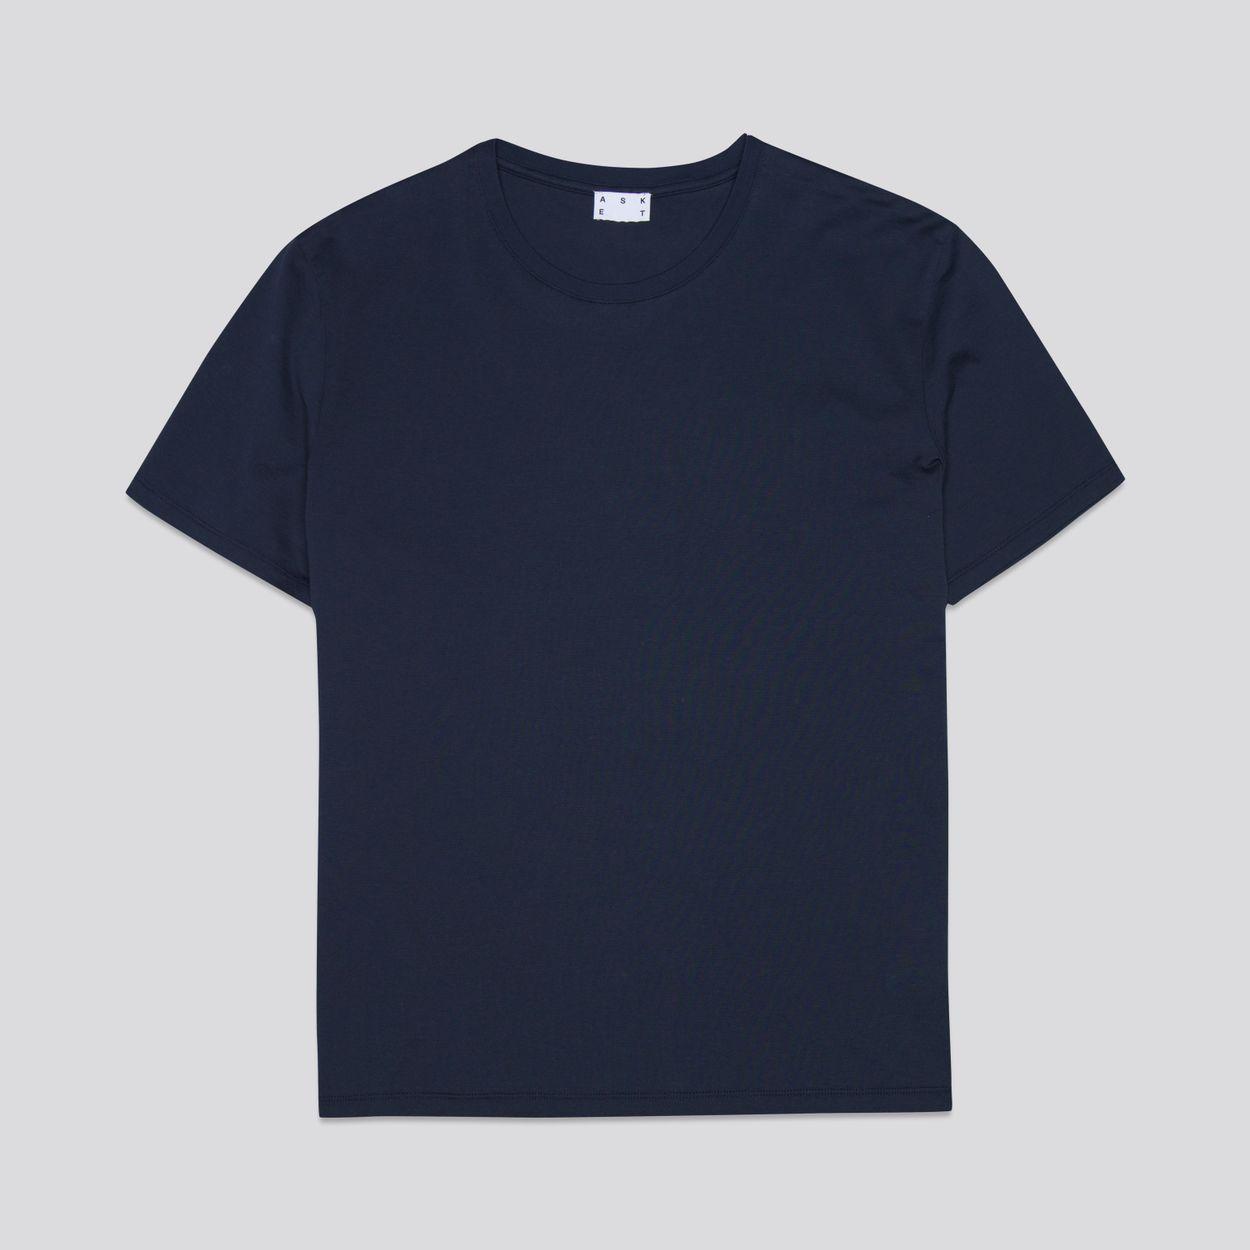 The Lightweight T-Shirt